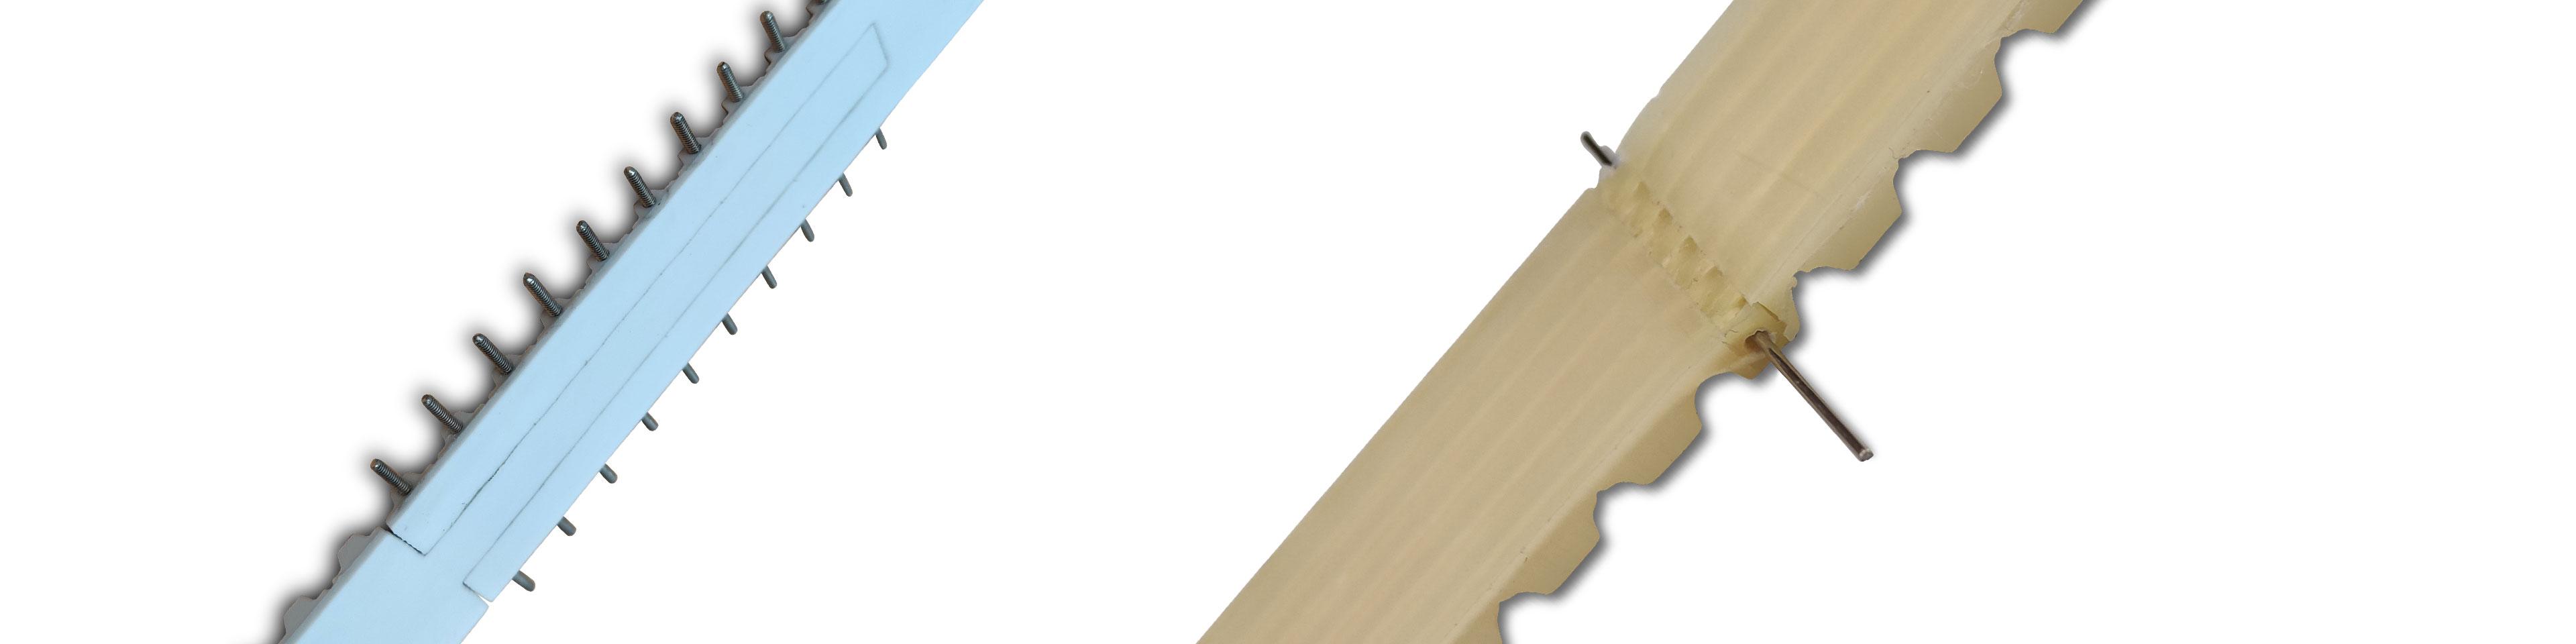 PinJoint Verbinder Zahnriemen